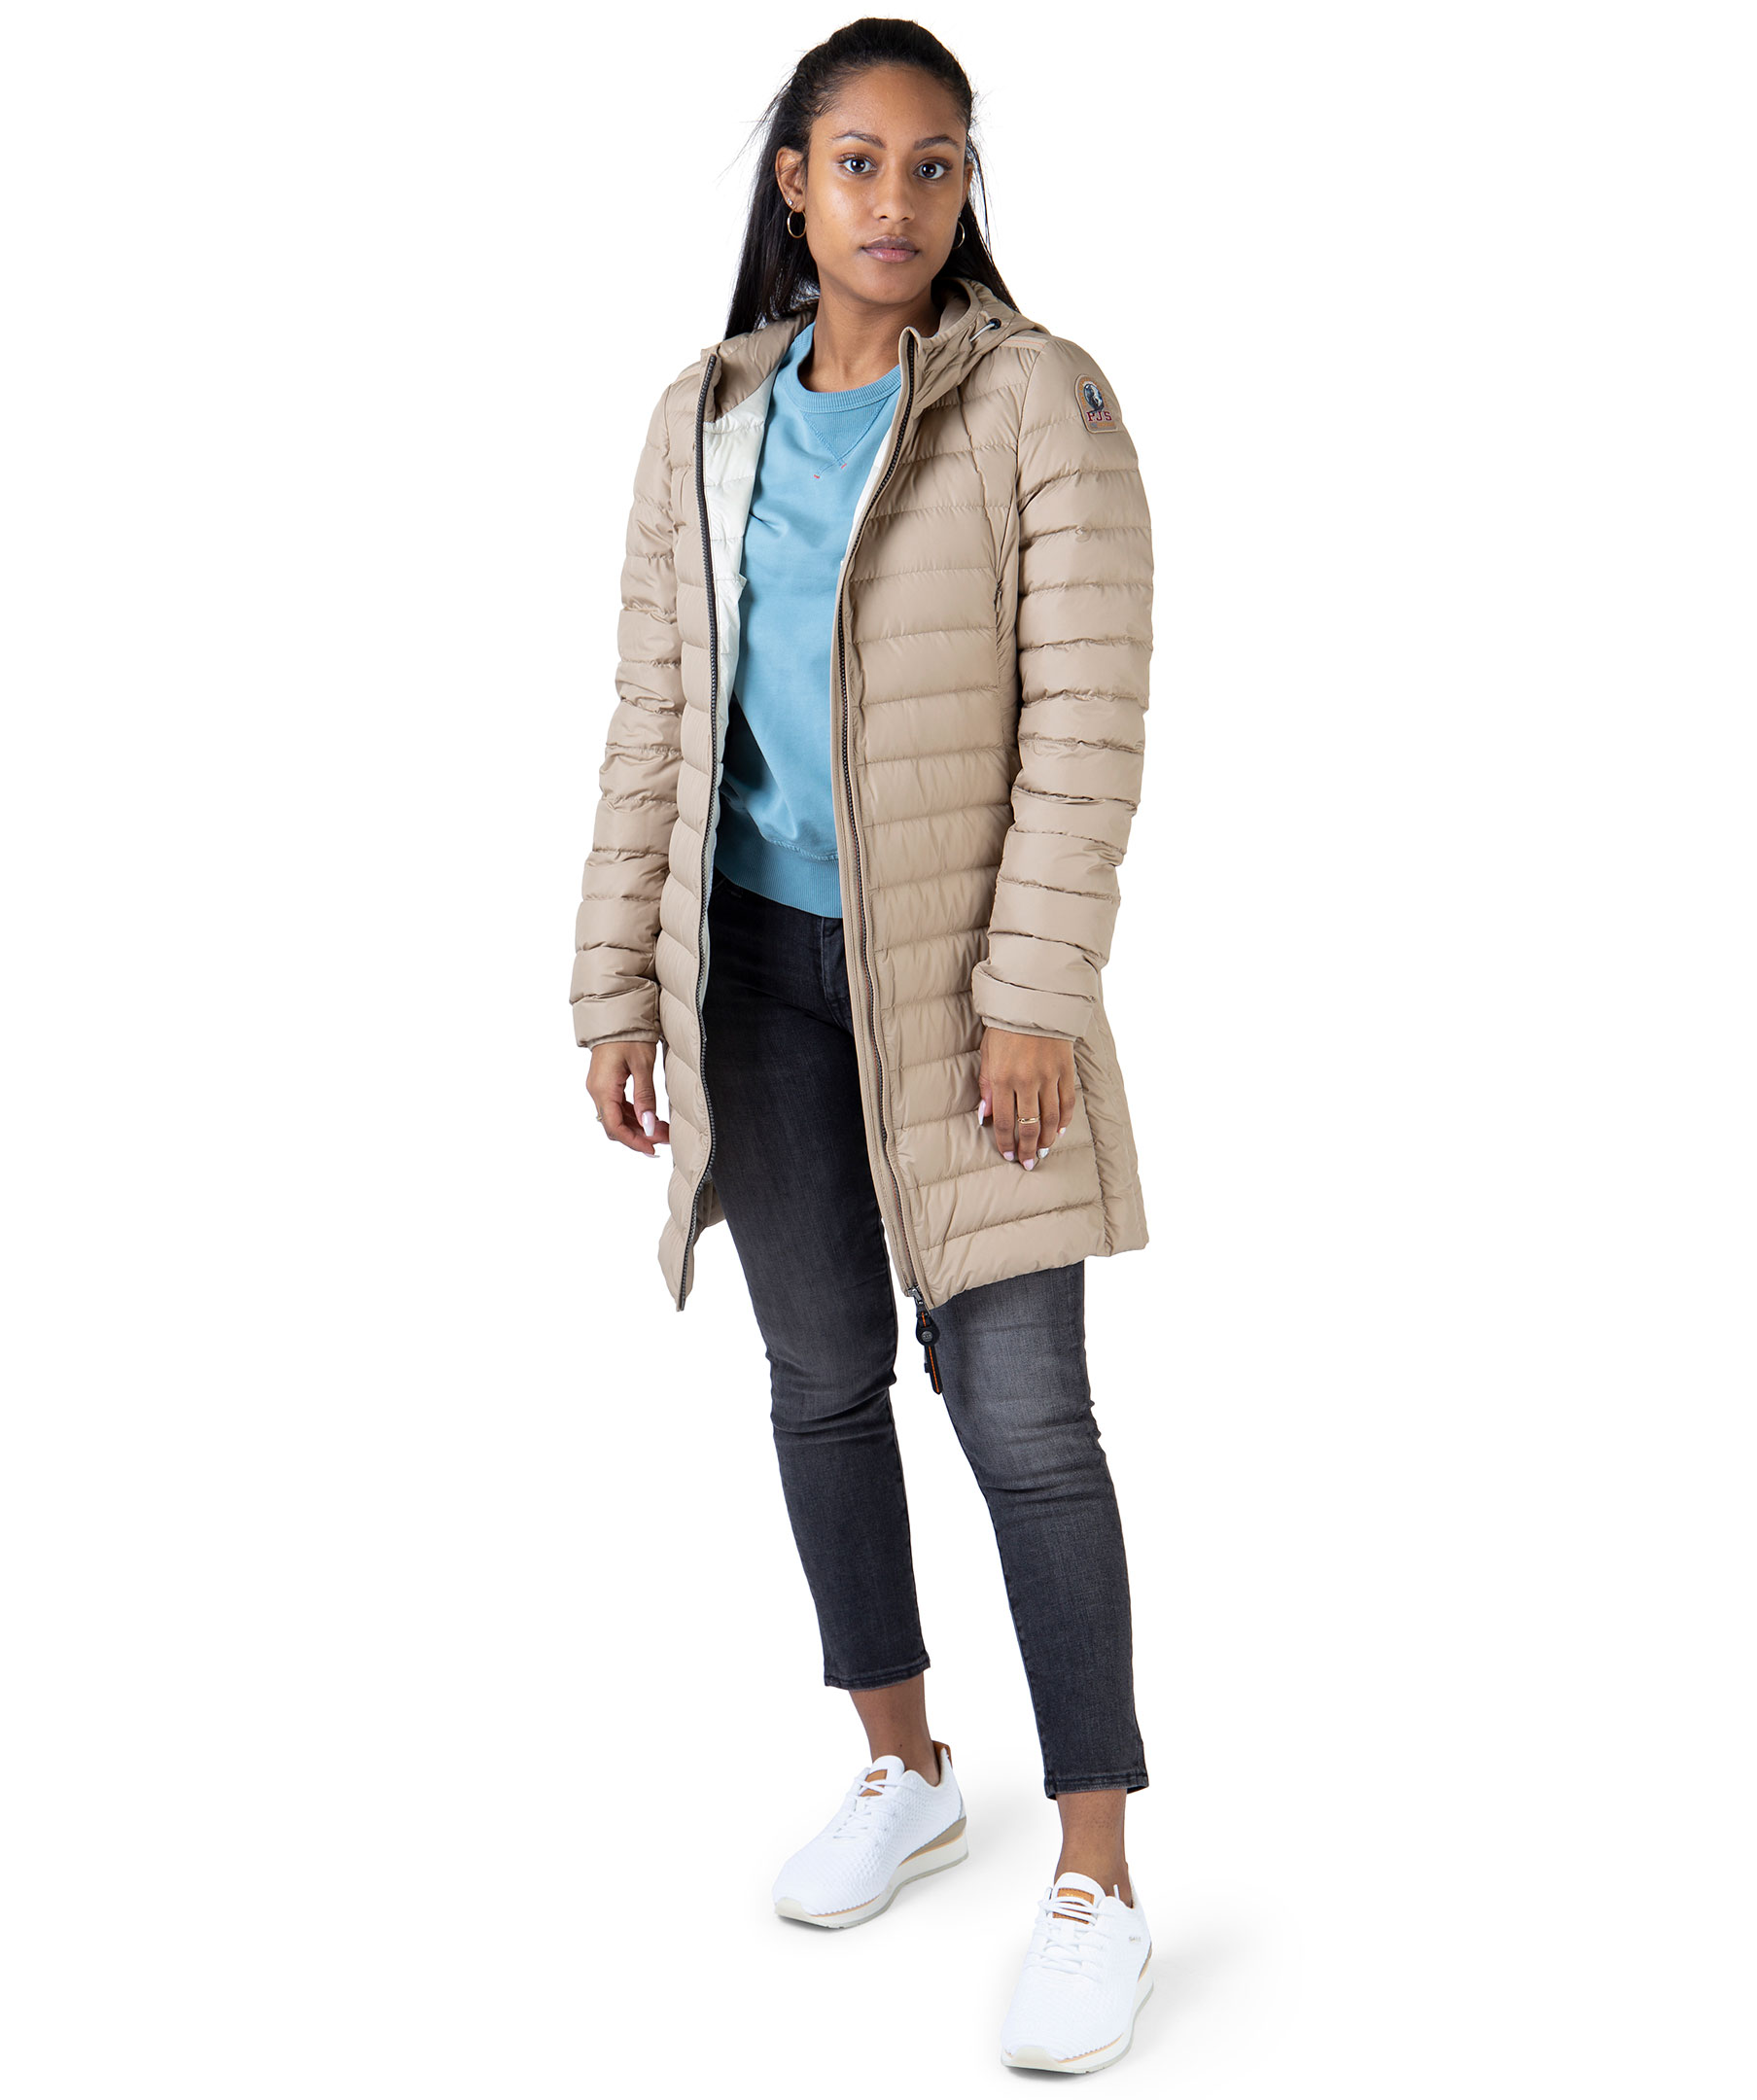 512332947fa Trendiga jackor för kvinnor   Johnells